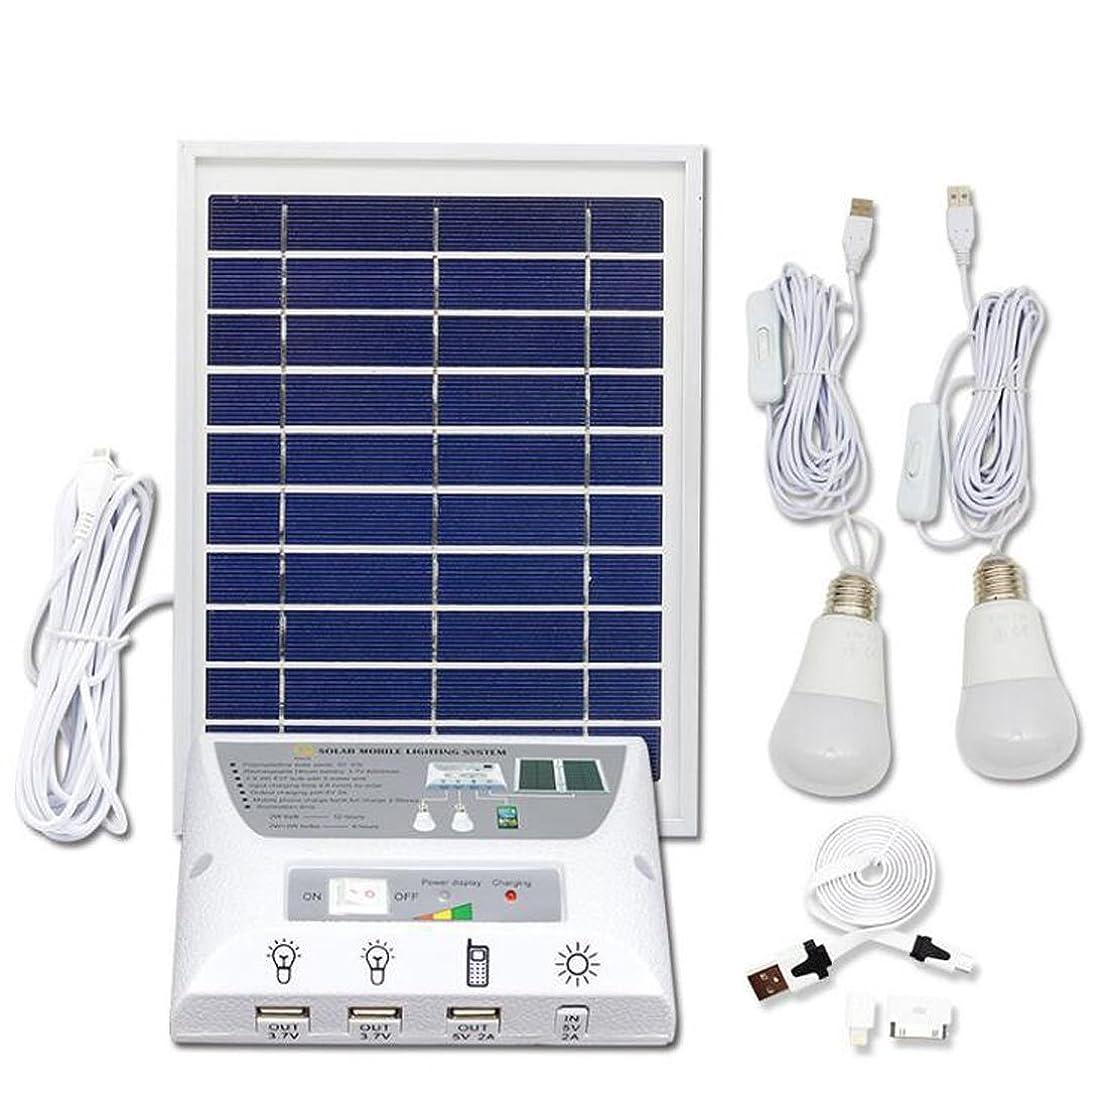 連合ヘッドレス独裁者太陽エネルギーランプ太陽光発電システム照明超明るいLED携帯電話充電ライトキャンプテント太陽光発電コンポーネント屋外ファミリーユニバーサル